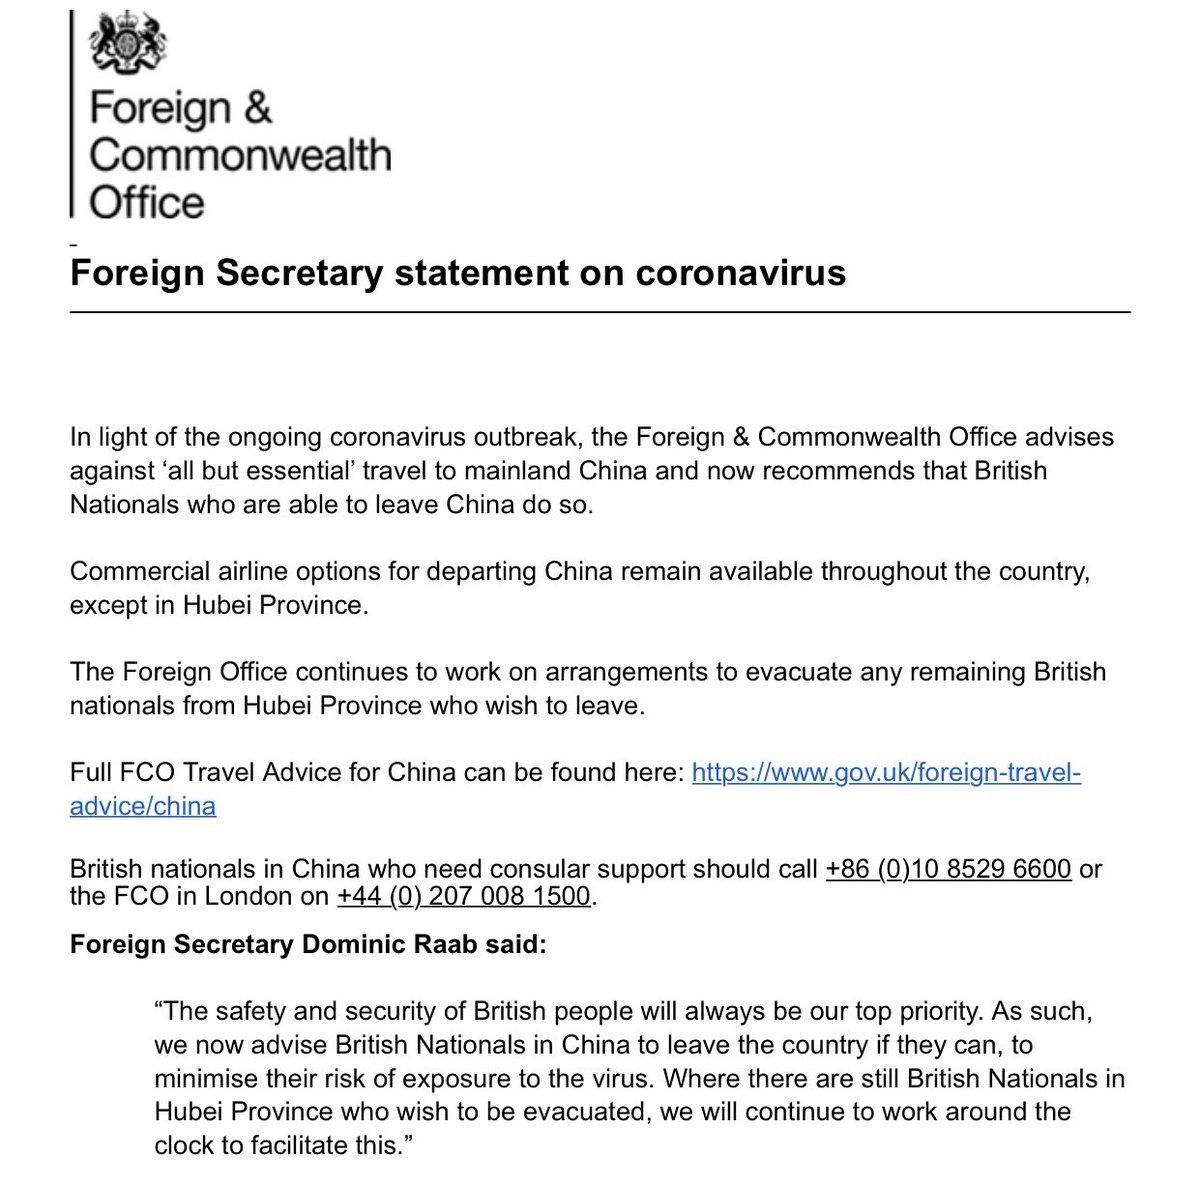 一丘之貉!英国紧跟美国:建议所有在华公民火速离开